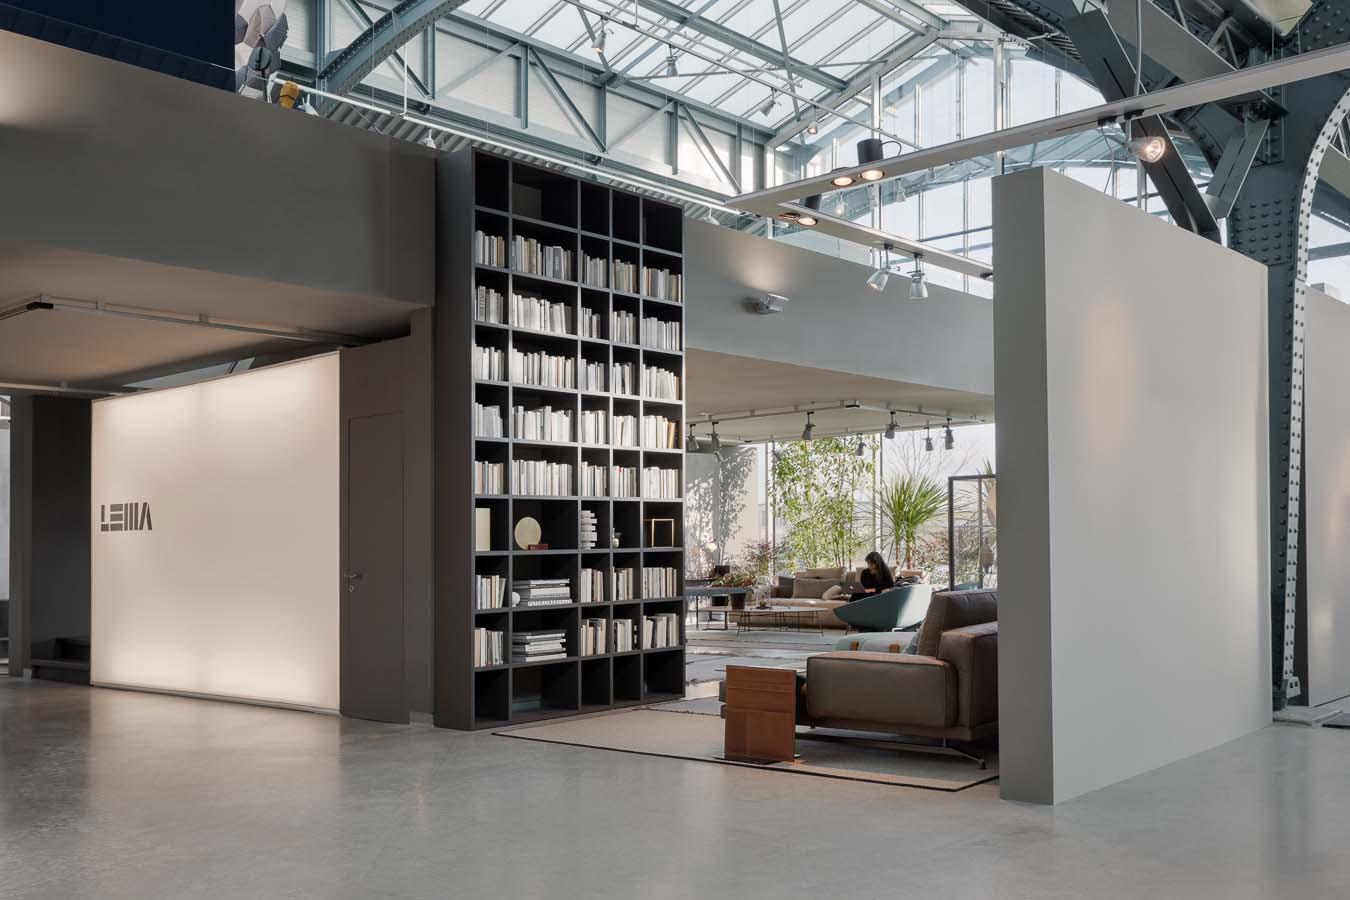 marco_reggi_fotografo_interni_milano_lema_arredamento_furniture_design_colonia_koln_postdesign-03